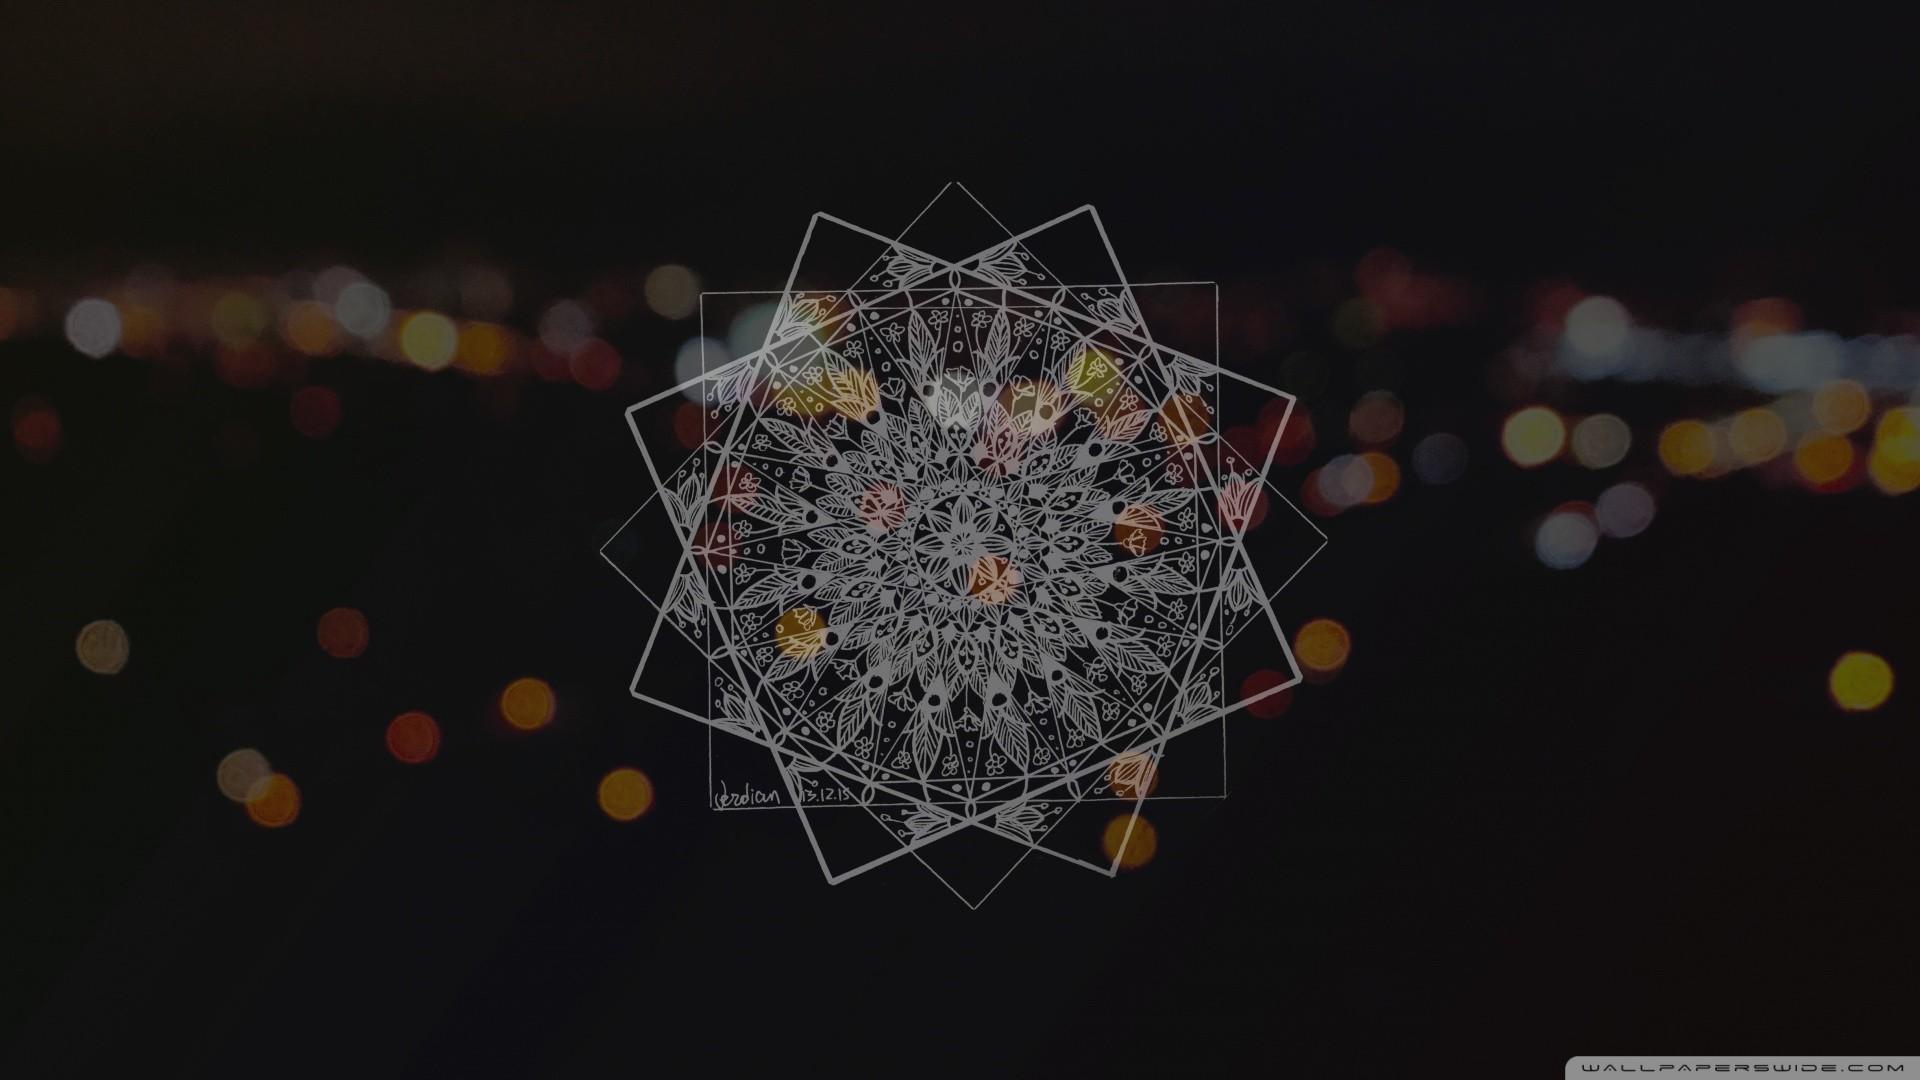 Mandala HD desktop wallpaper : Widescreen : High Definition